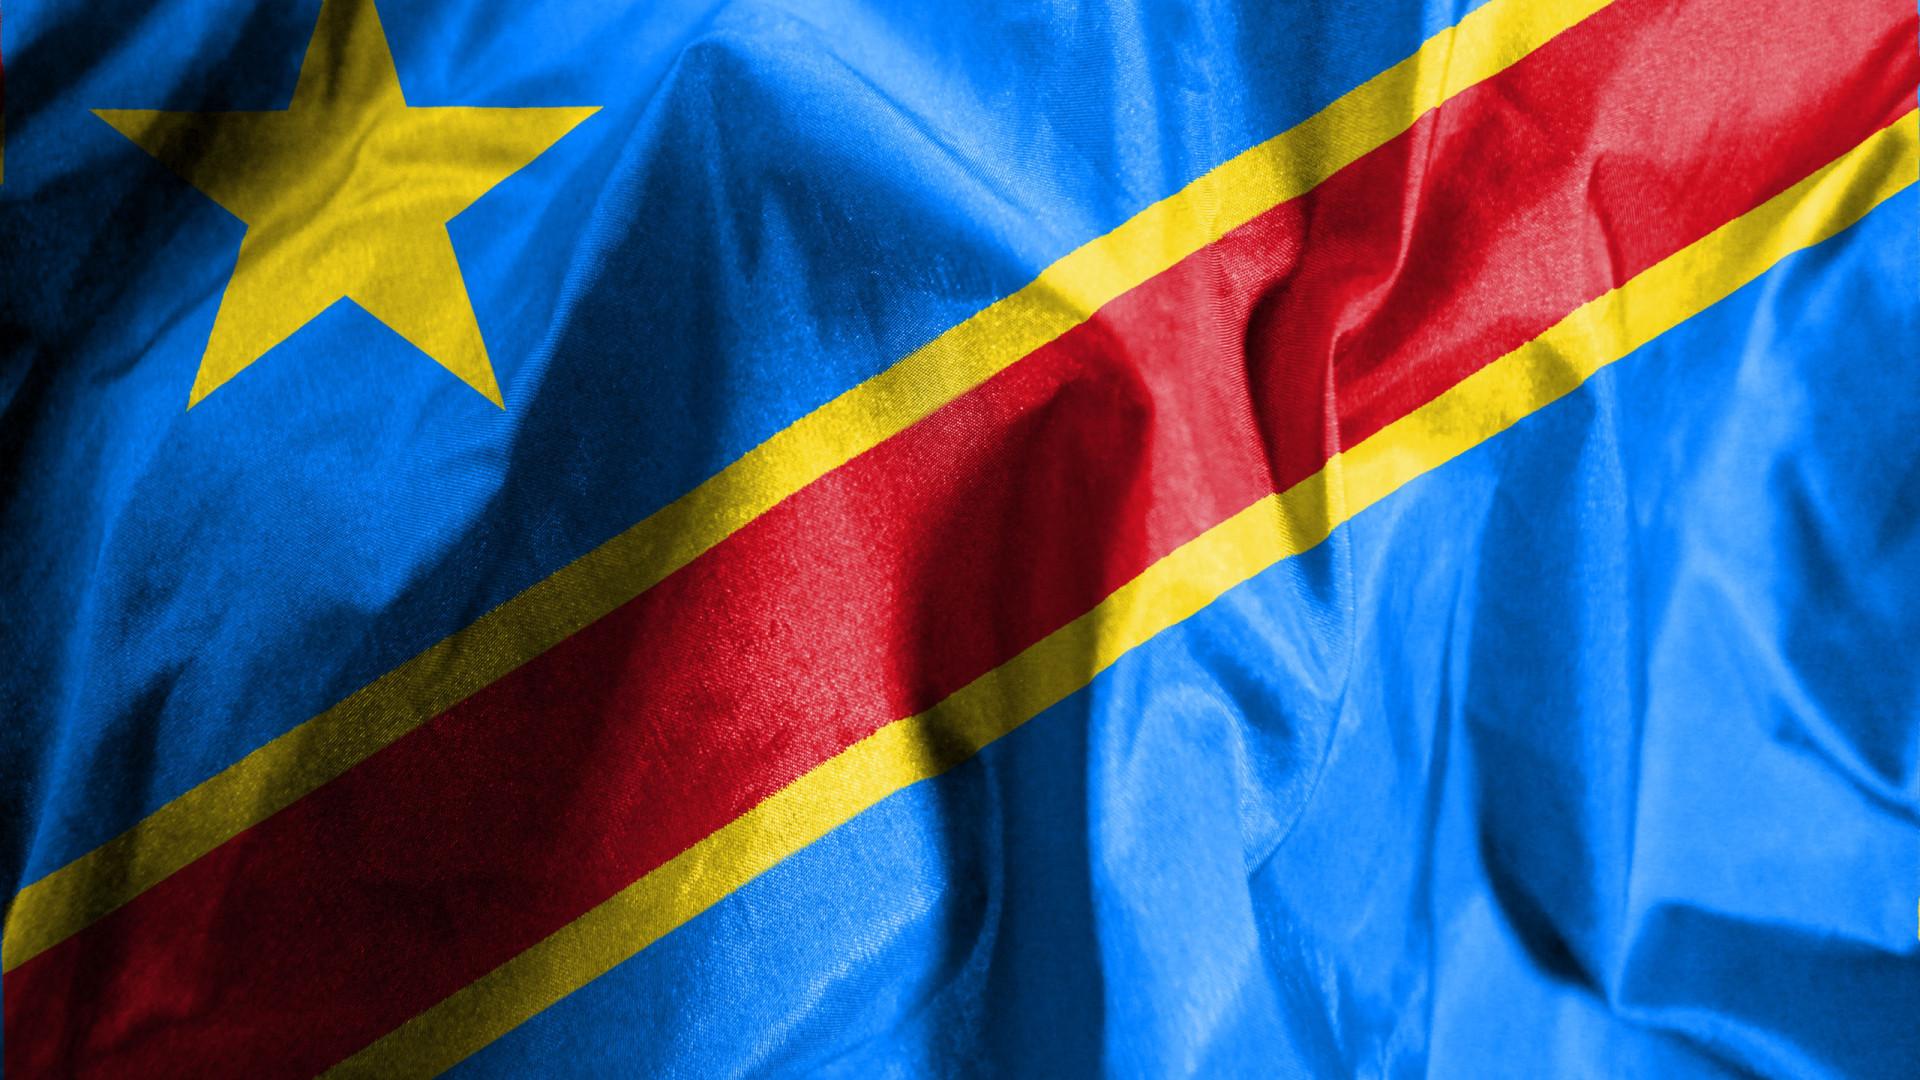 50 mortos e uma centena de queimados em acidente na RDCongo